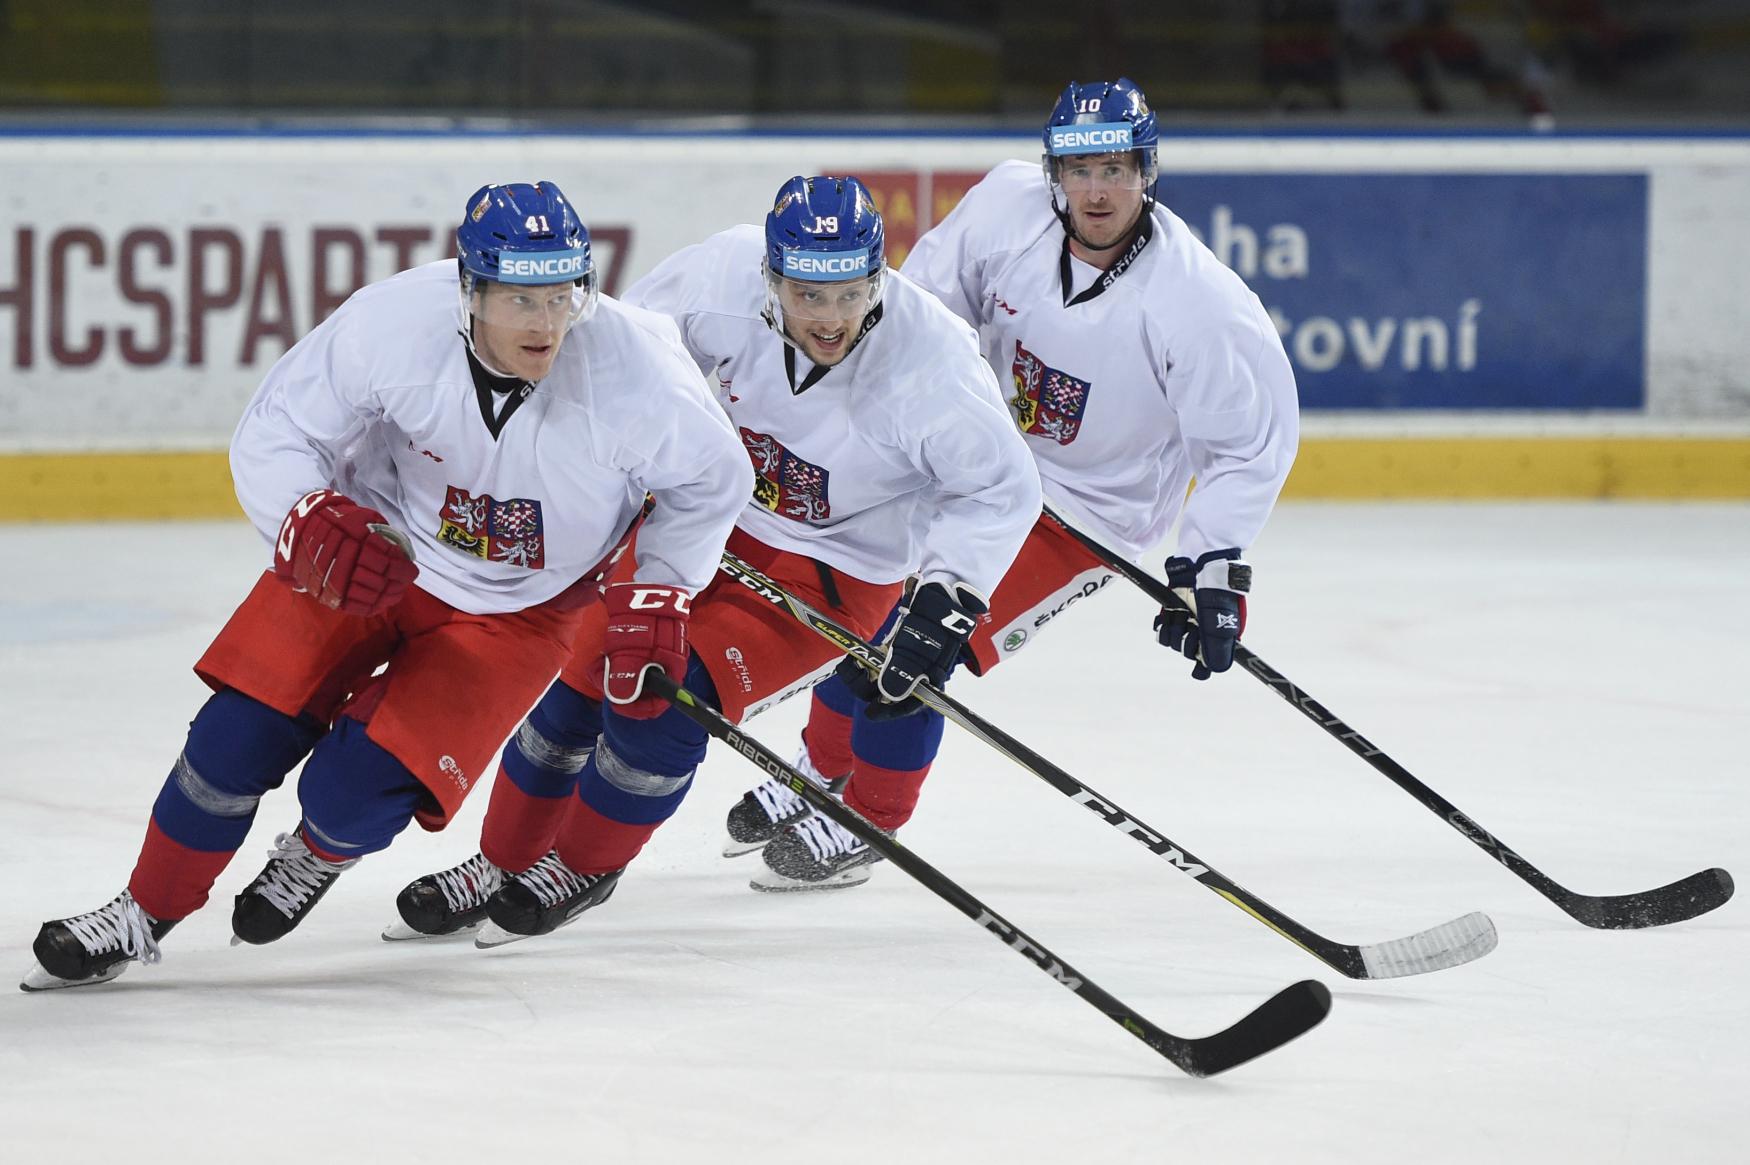 Eishockey Wm Prag